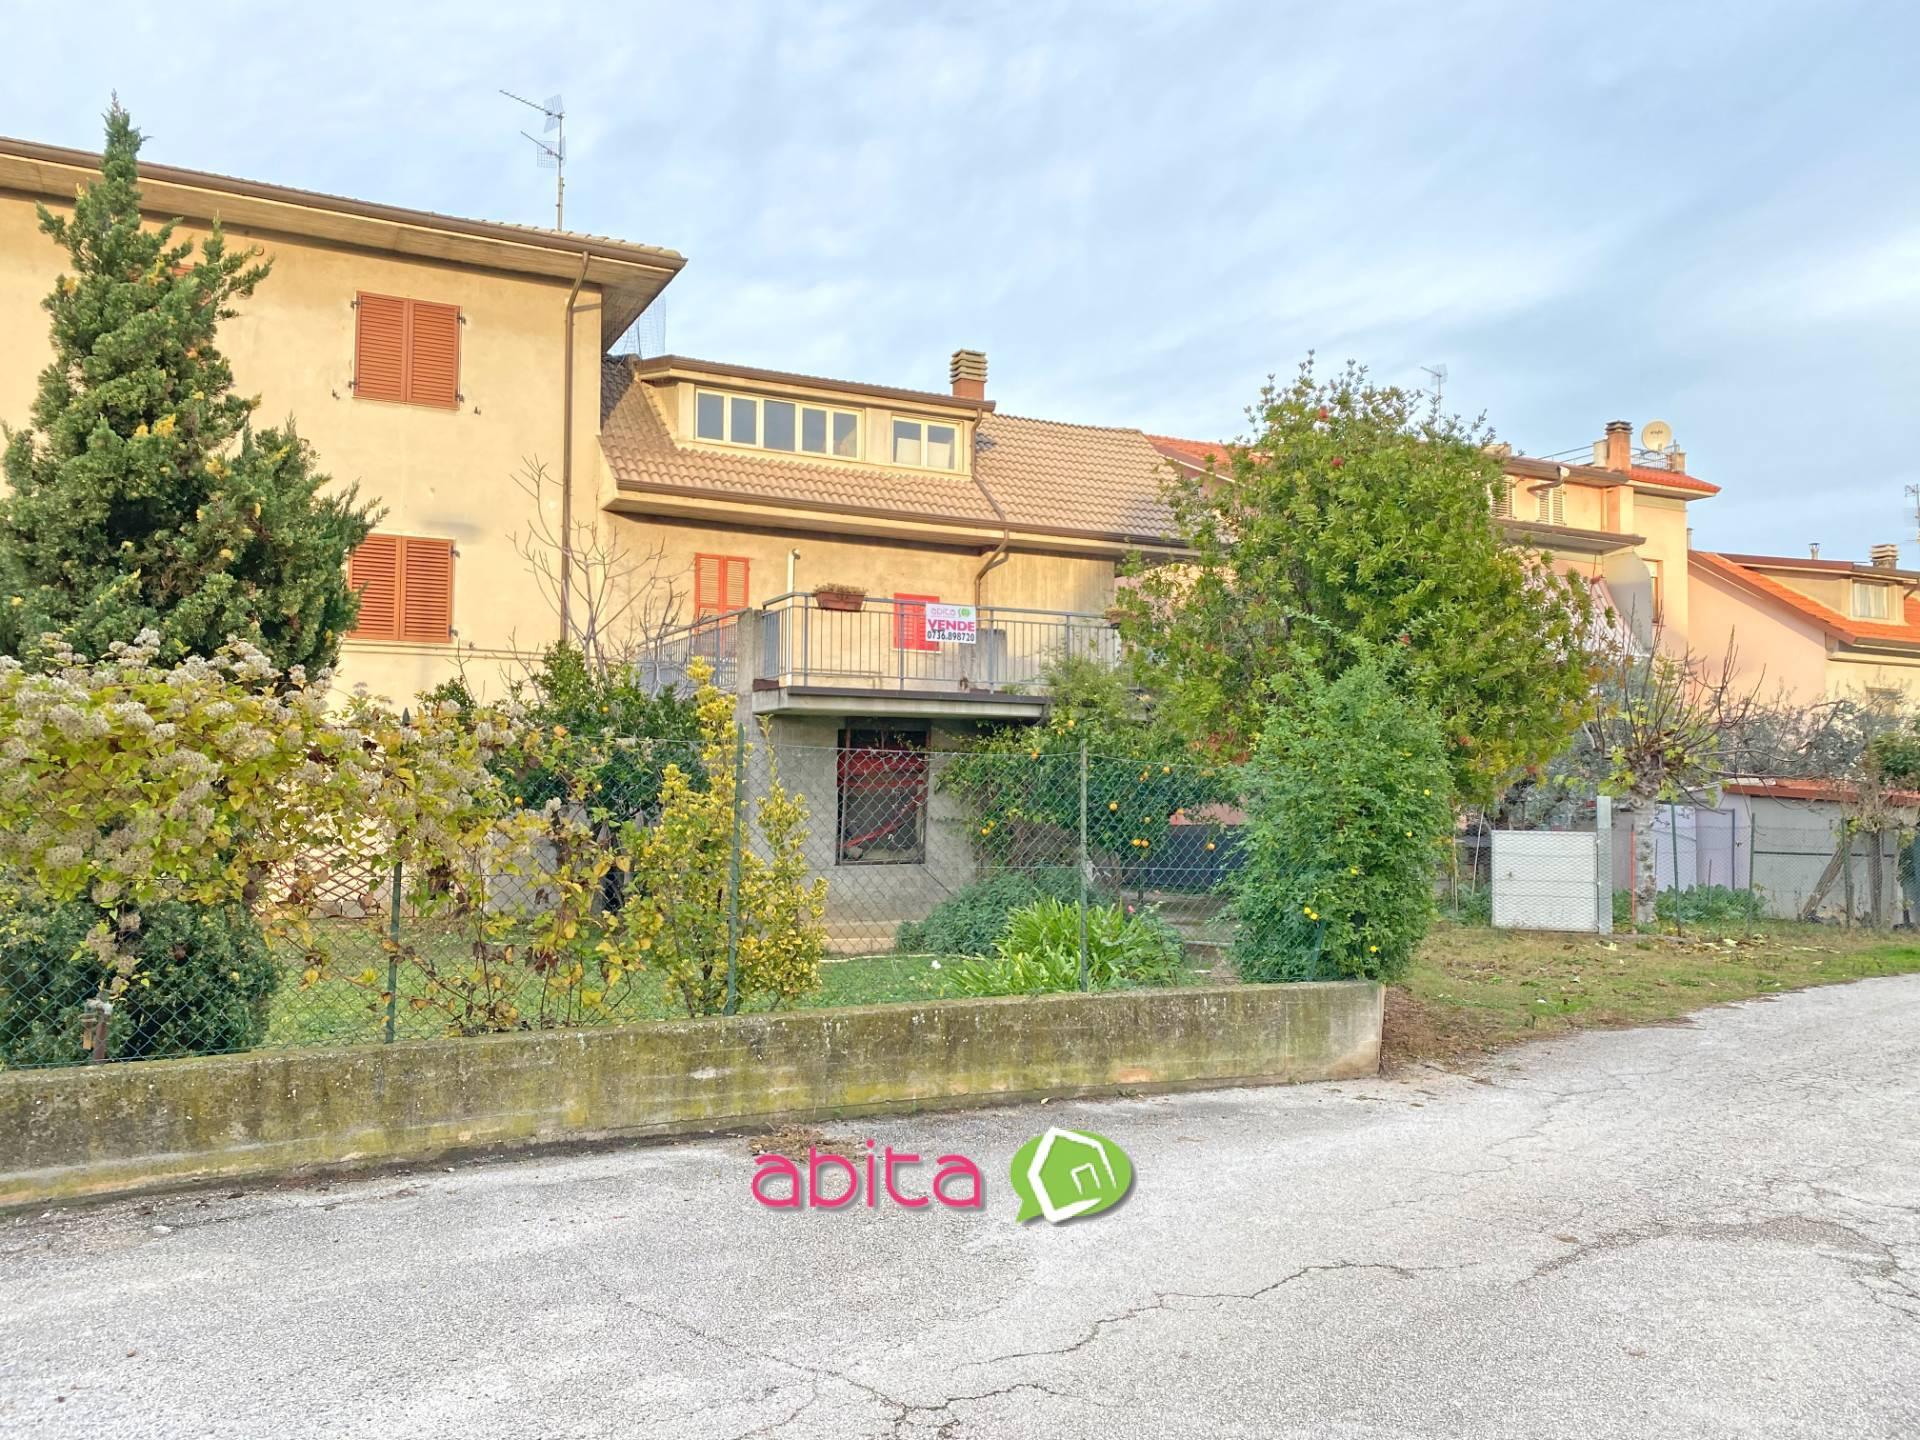 Soluzione Indipendente in vendita a Spinetoli, 10 locali, zona Località: PagliaredelTronto, prezzo € 149.000   CambioCasa.it